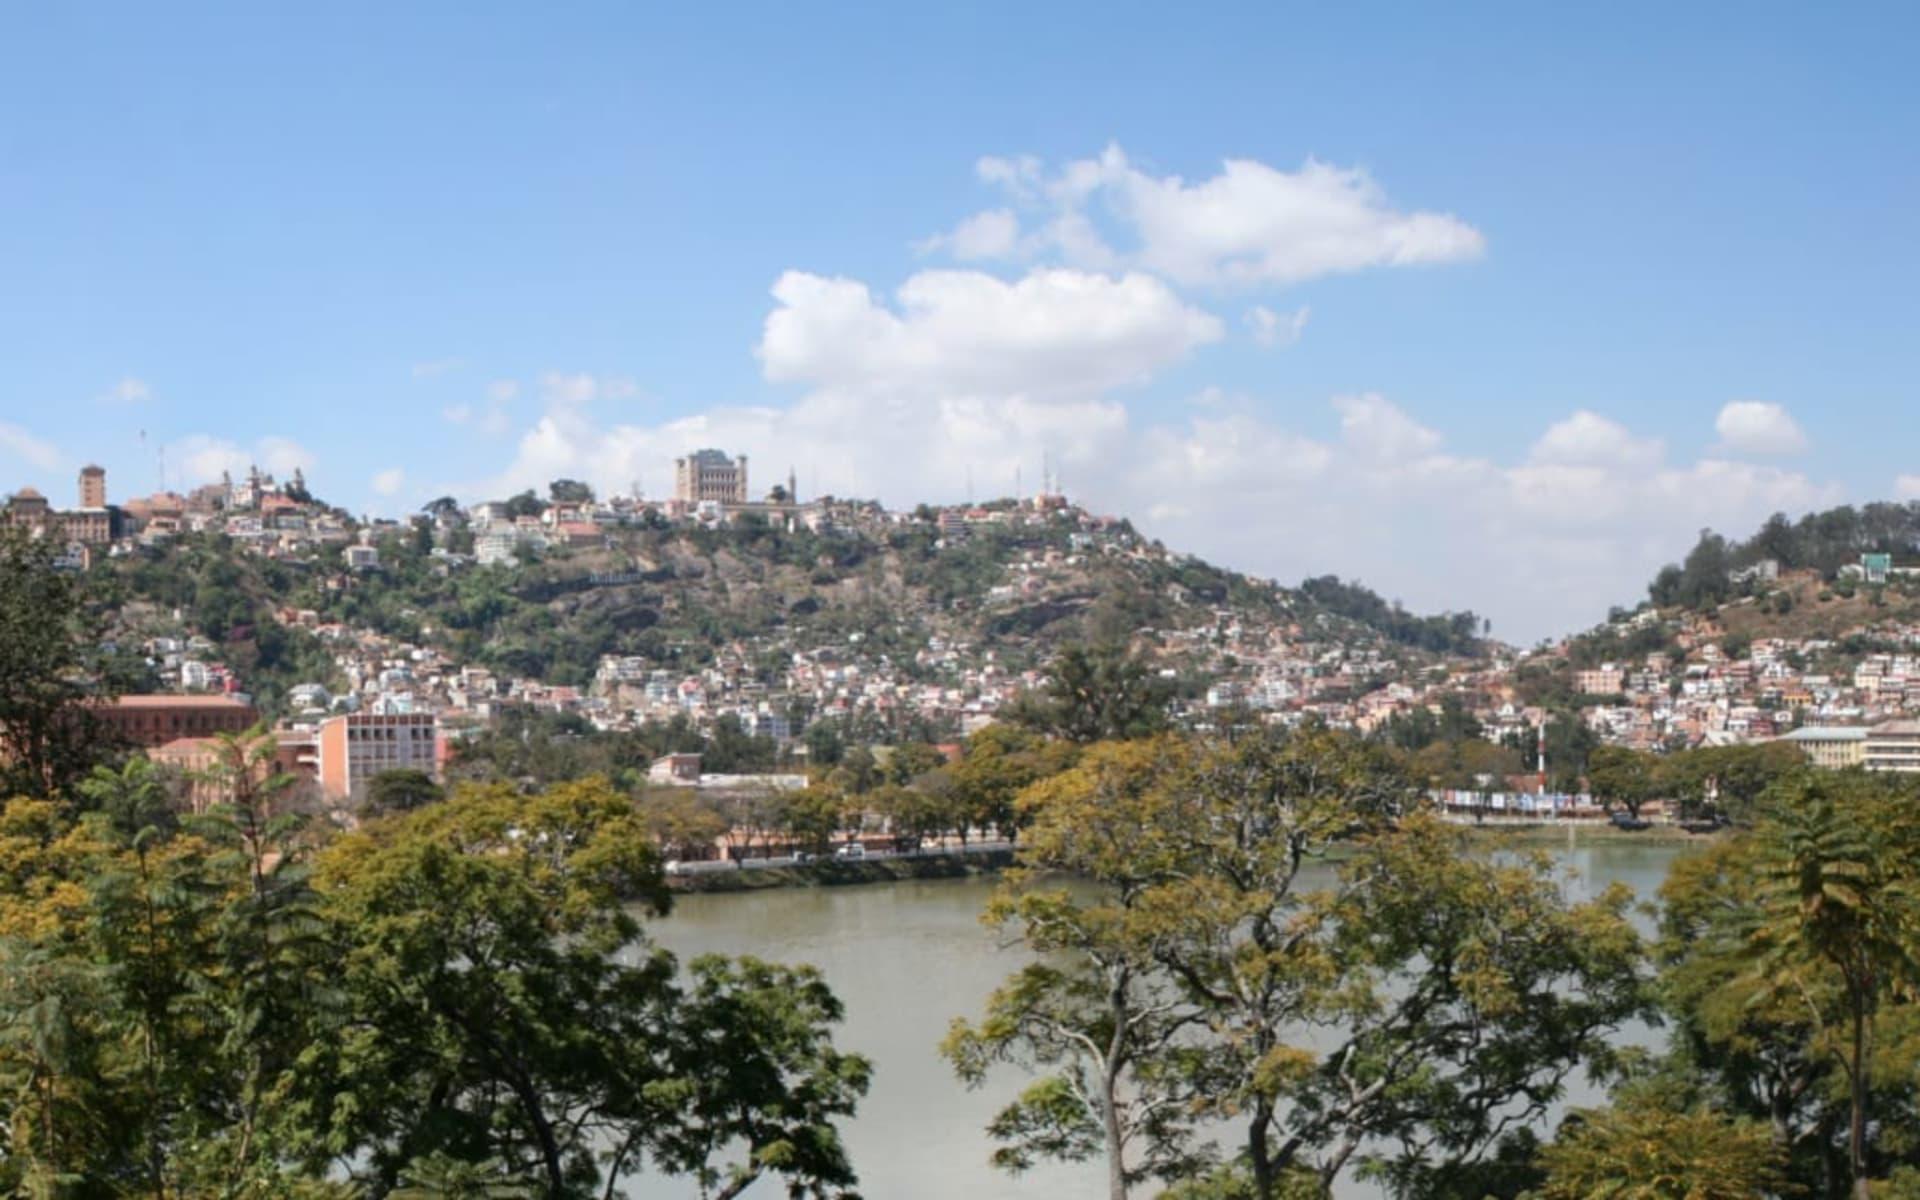 Entdeckungsreise Masoala ab Antananarivo: Antananarivo city